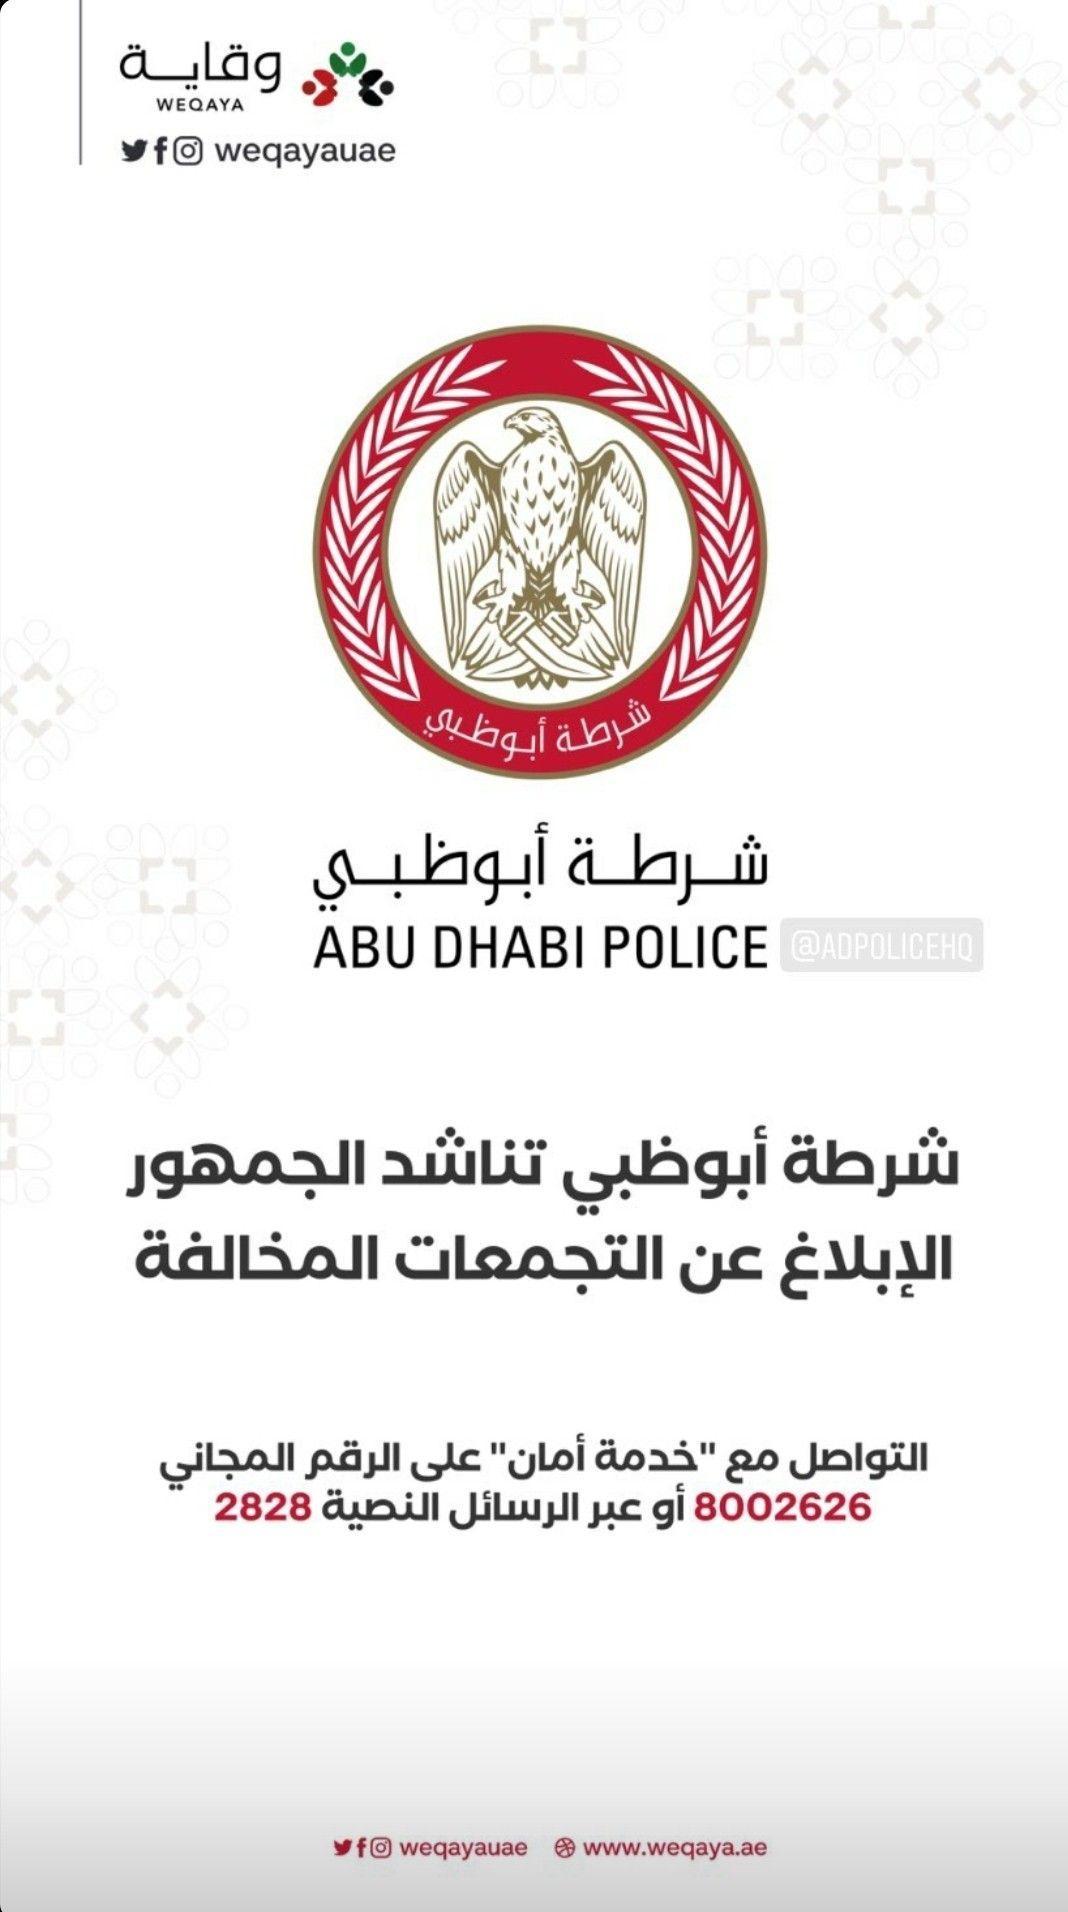 شرطة أبوظبي تناشد الجمهور الإبلاغ عن التجمعات المخالفة Police Abu Dhabi Abu